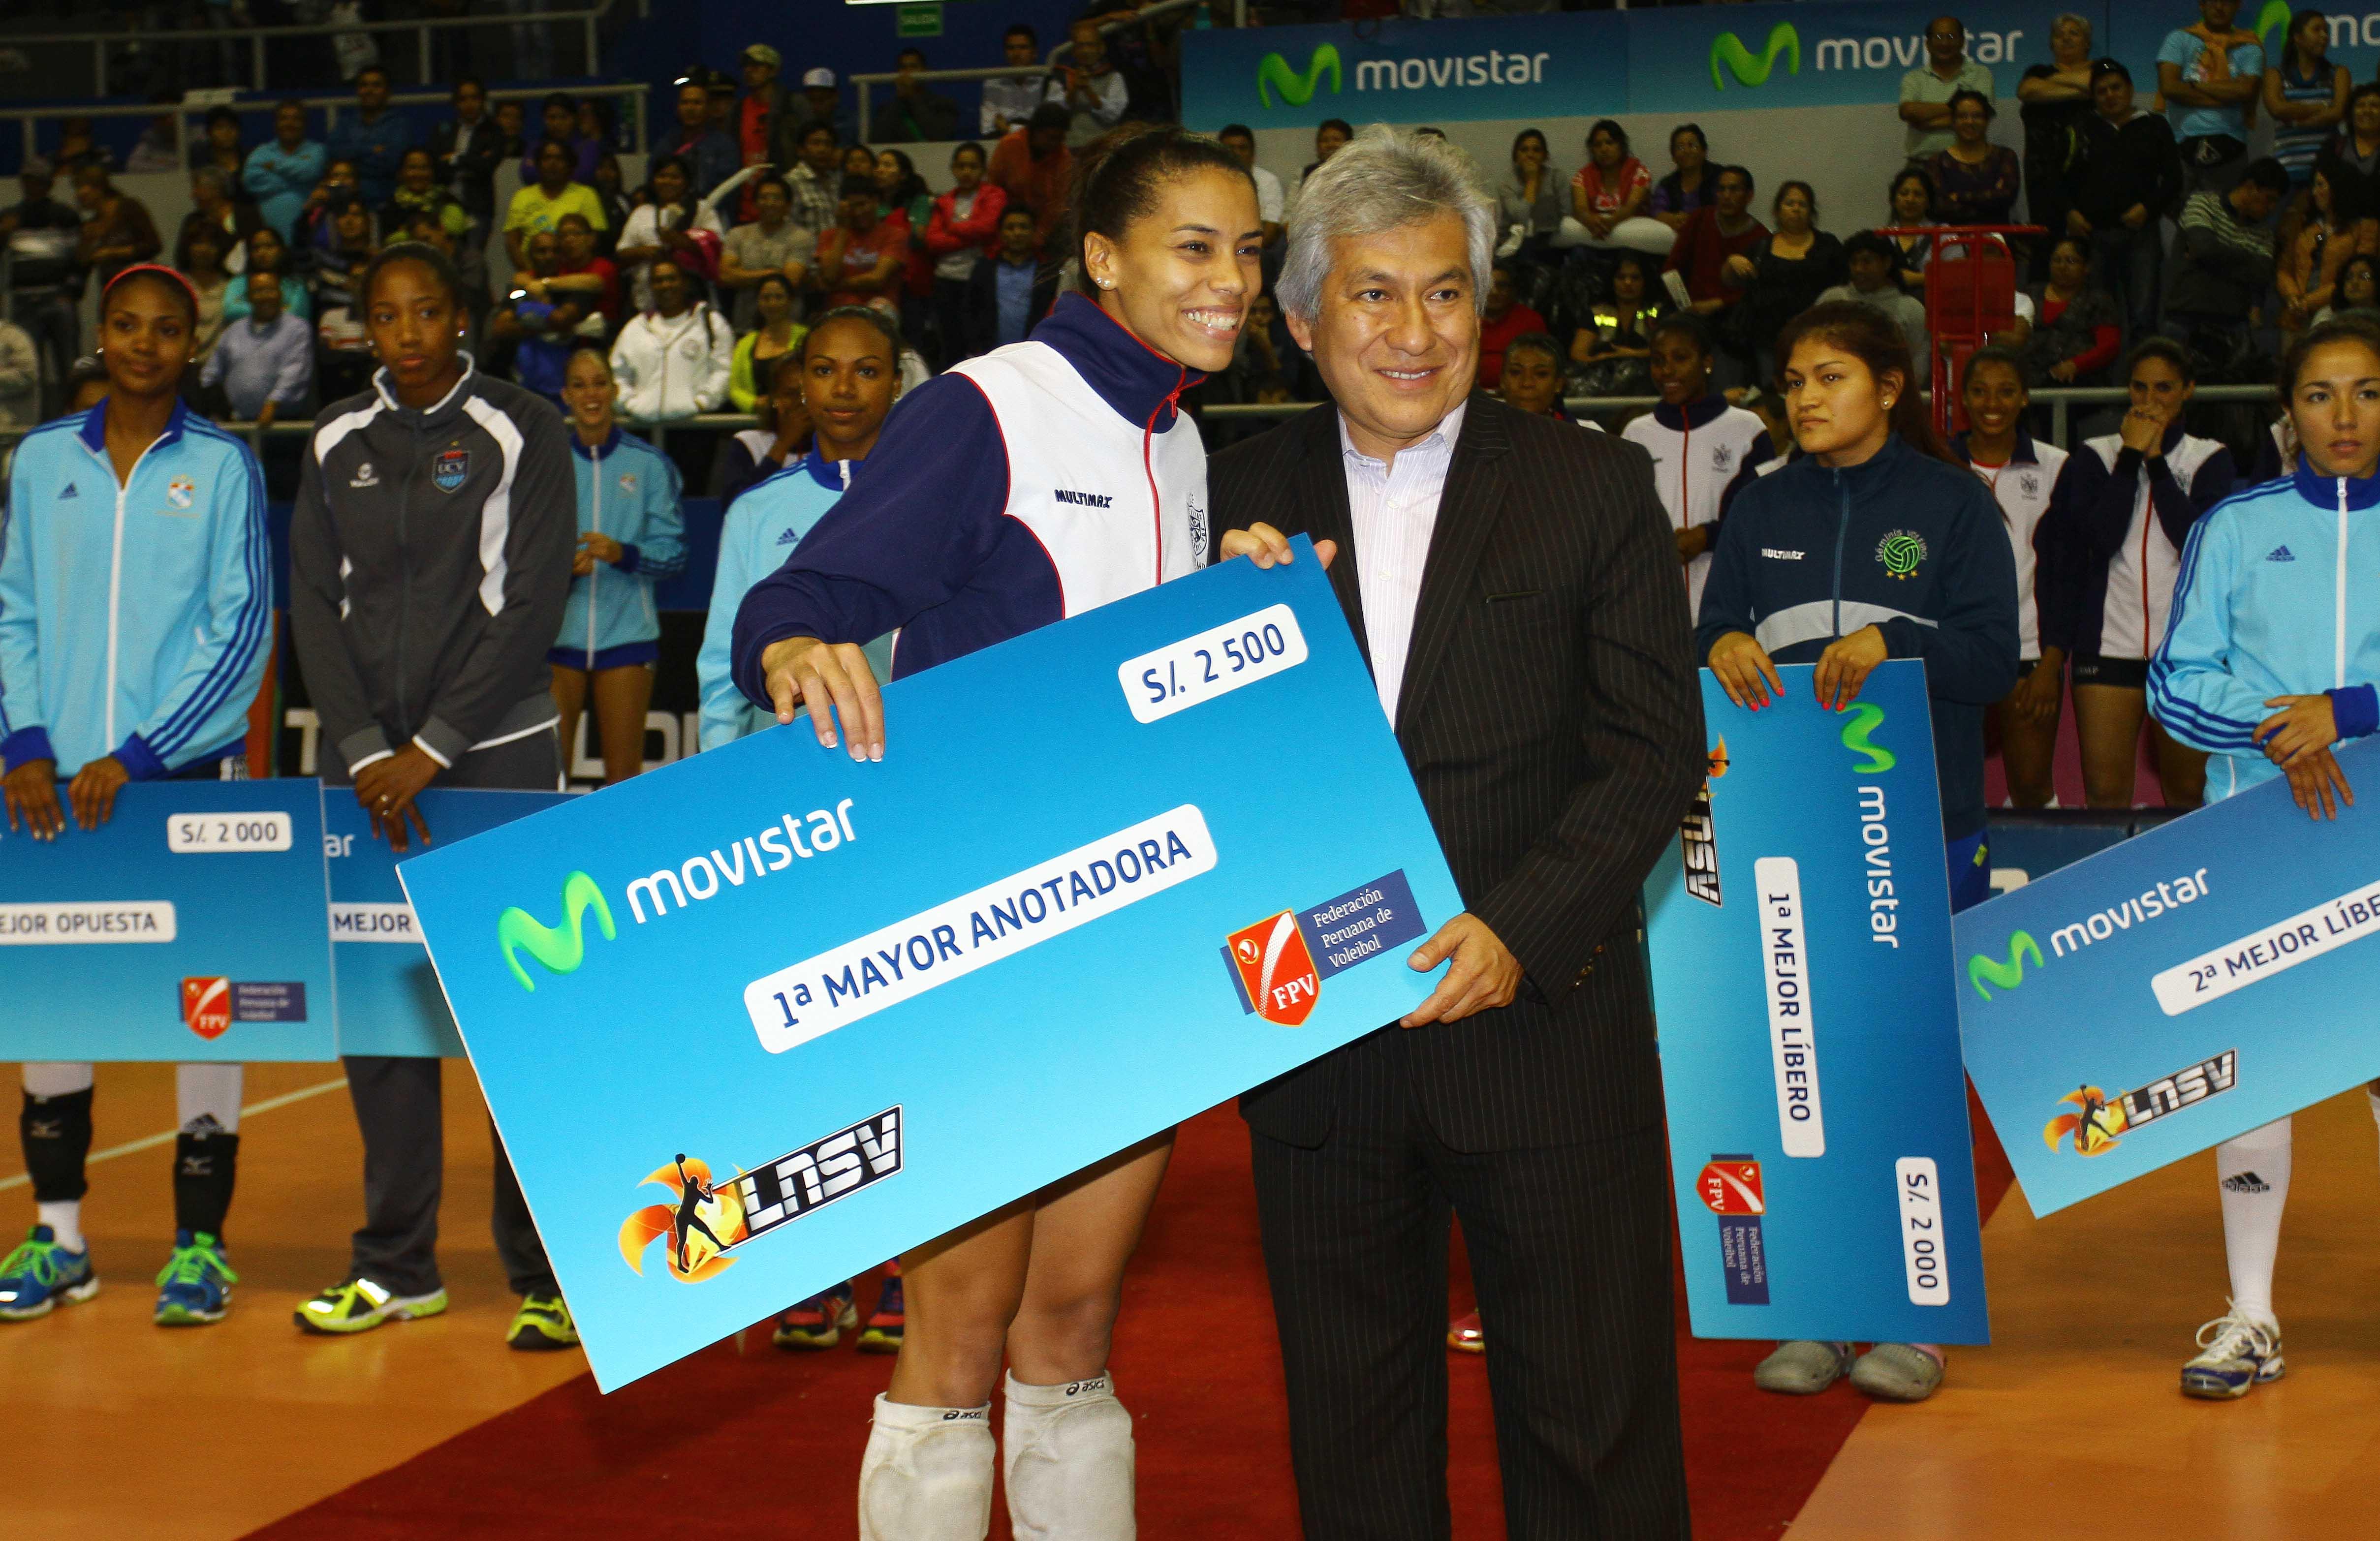 La atacante brasilera Da Silva fue la mejor anotadora del campeonato.